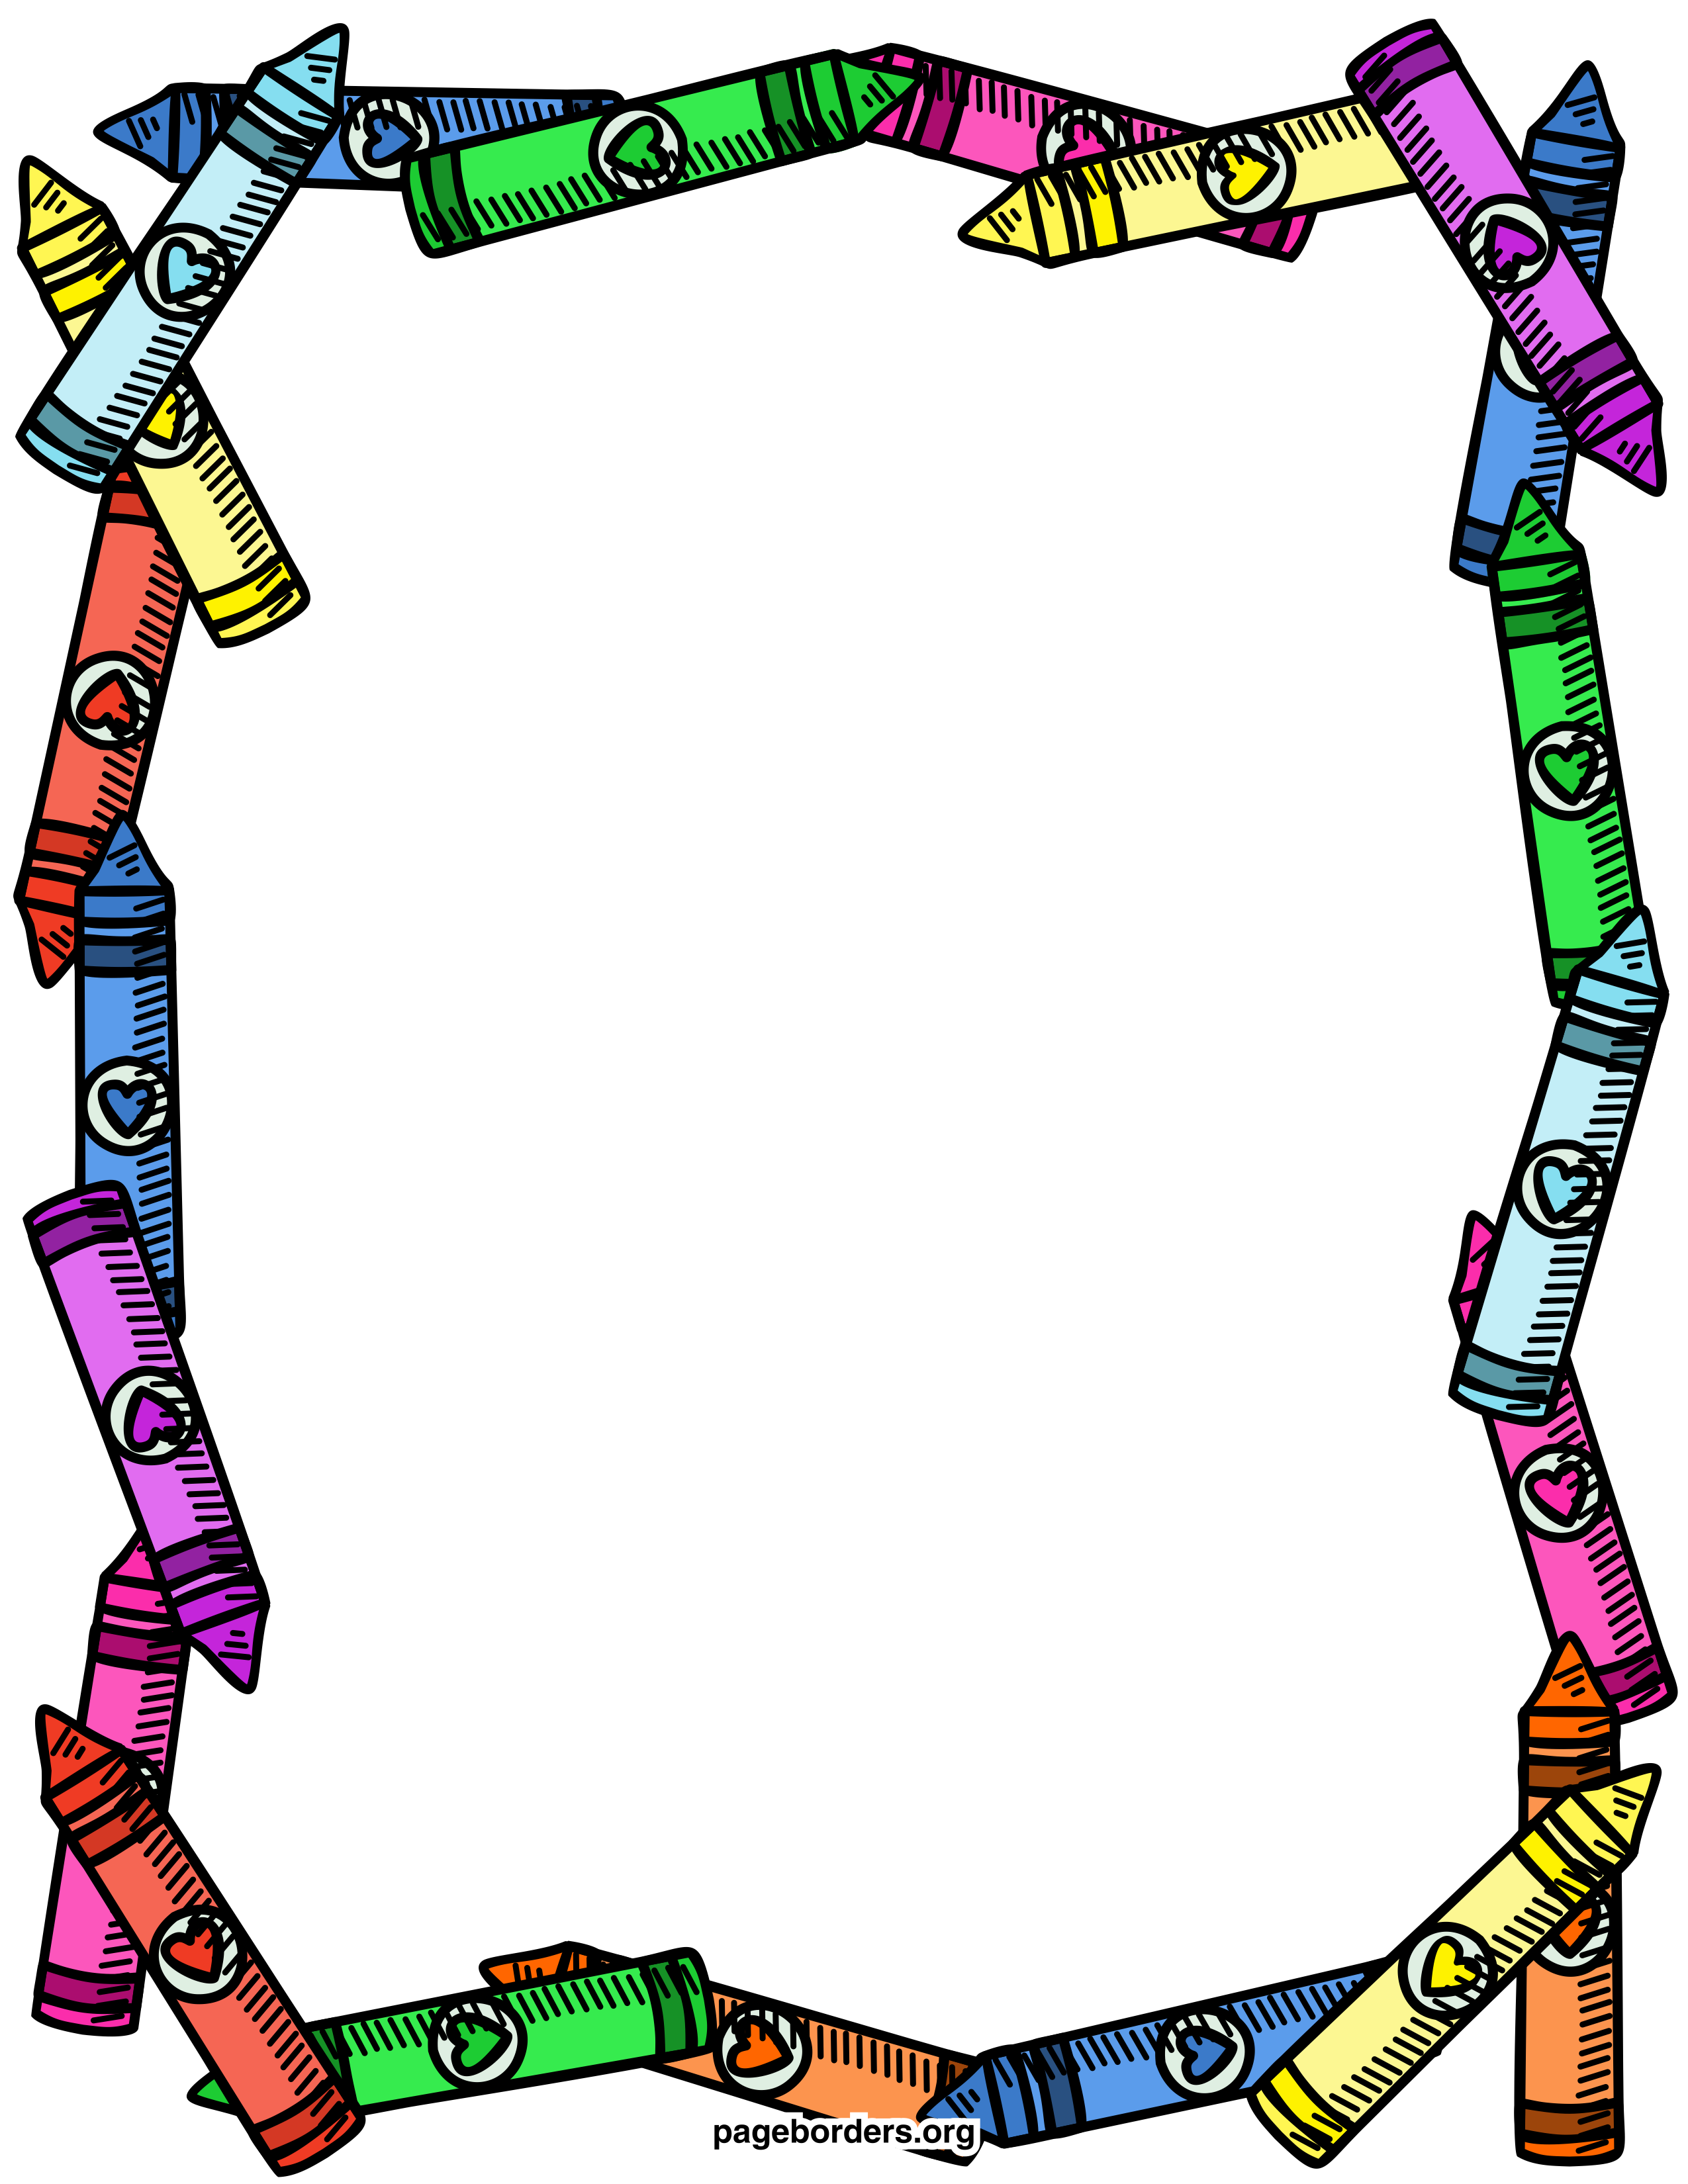 Crayon clipart page border Clip Crayon Free Page Free